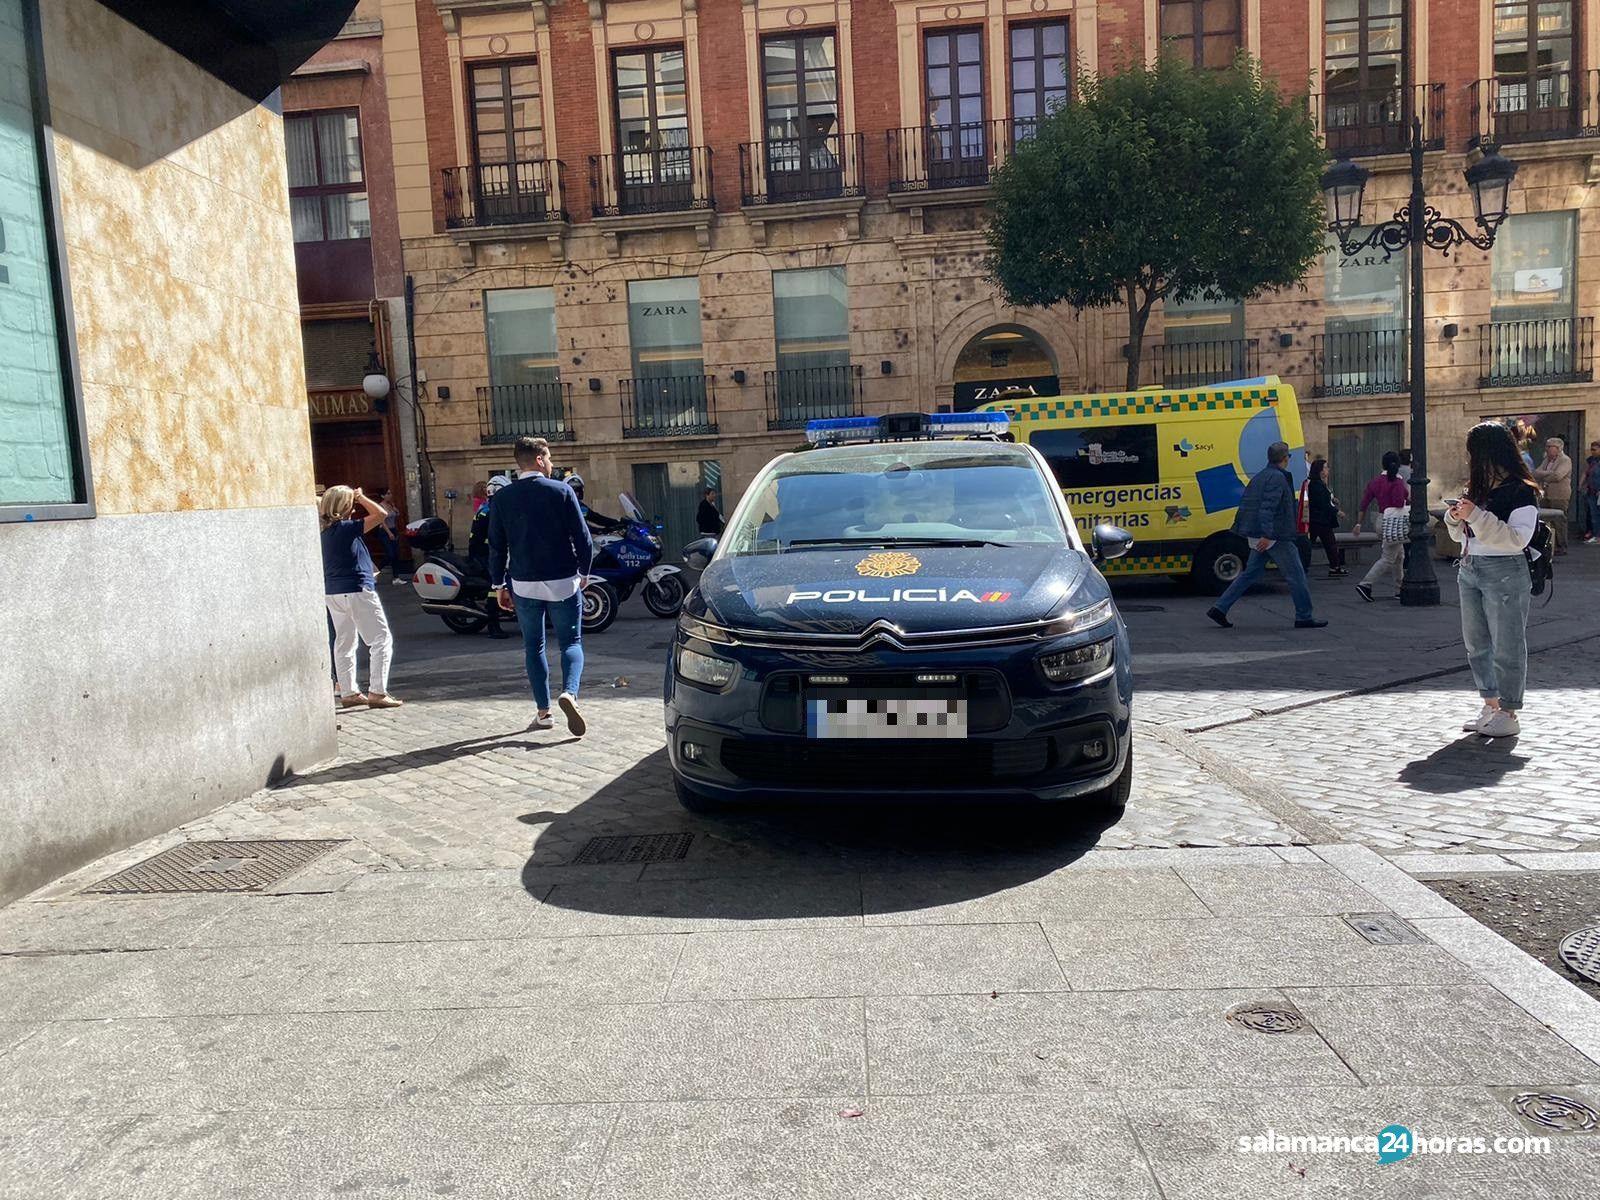 Policia en calle toro (3)